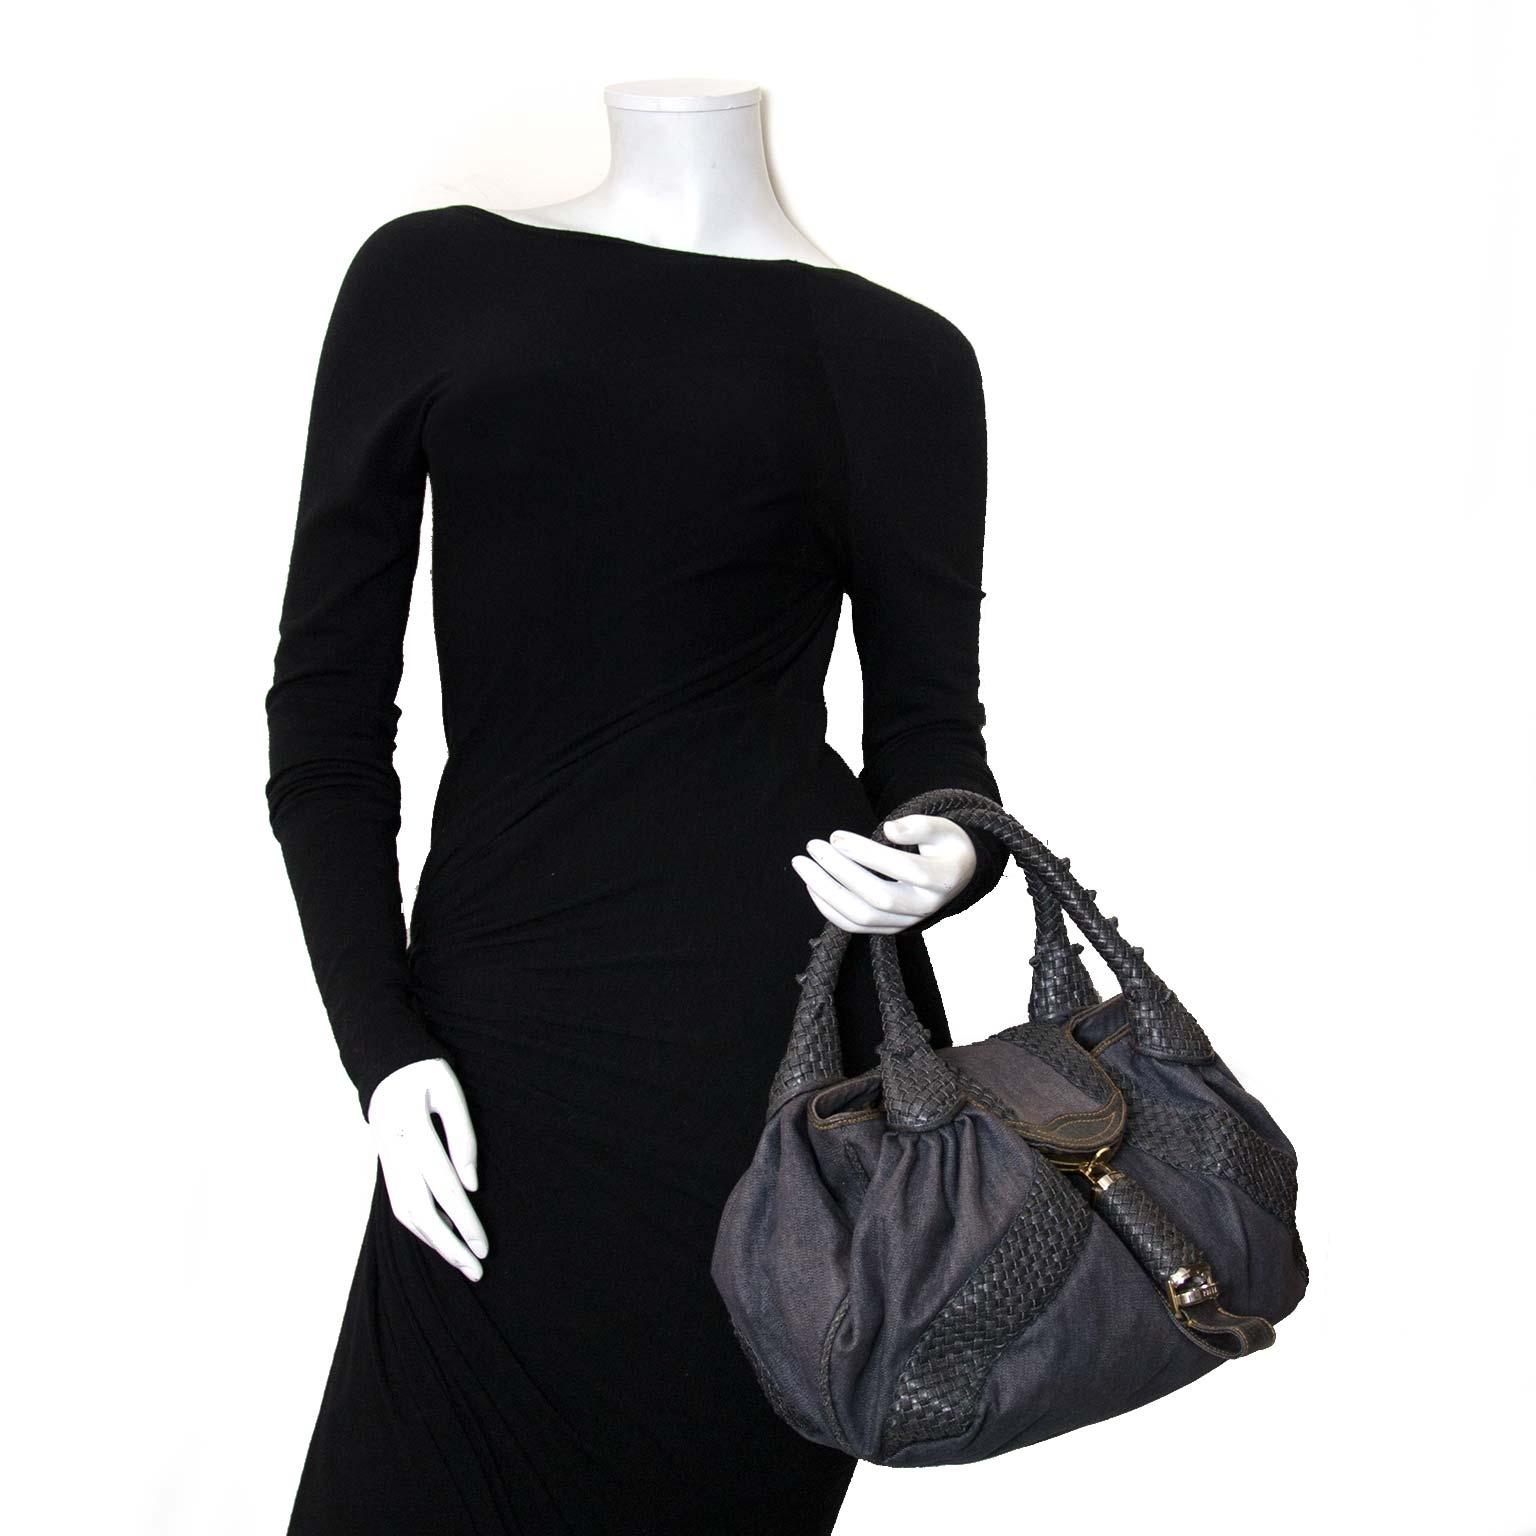 573b6e6fa9 ... fendi denim spy tassen te koop bij labellov vintage mode webshop belgië